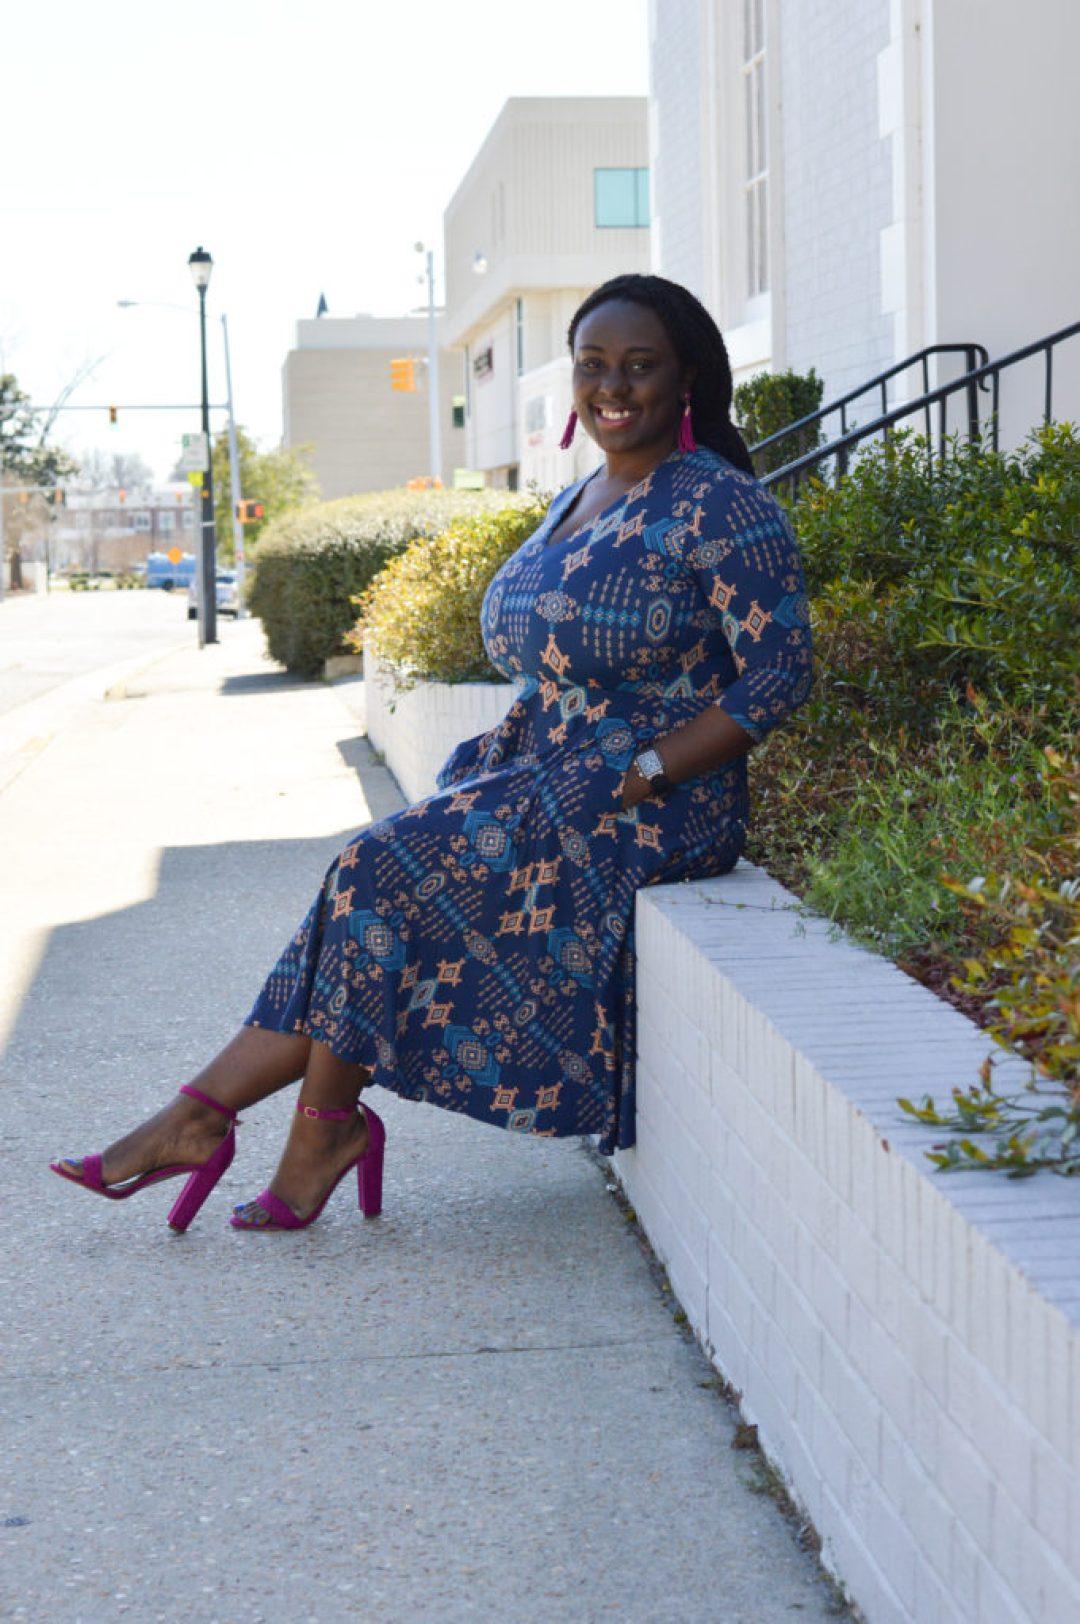 Pink heels